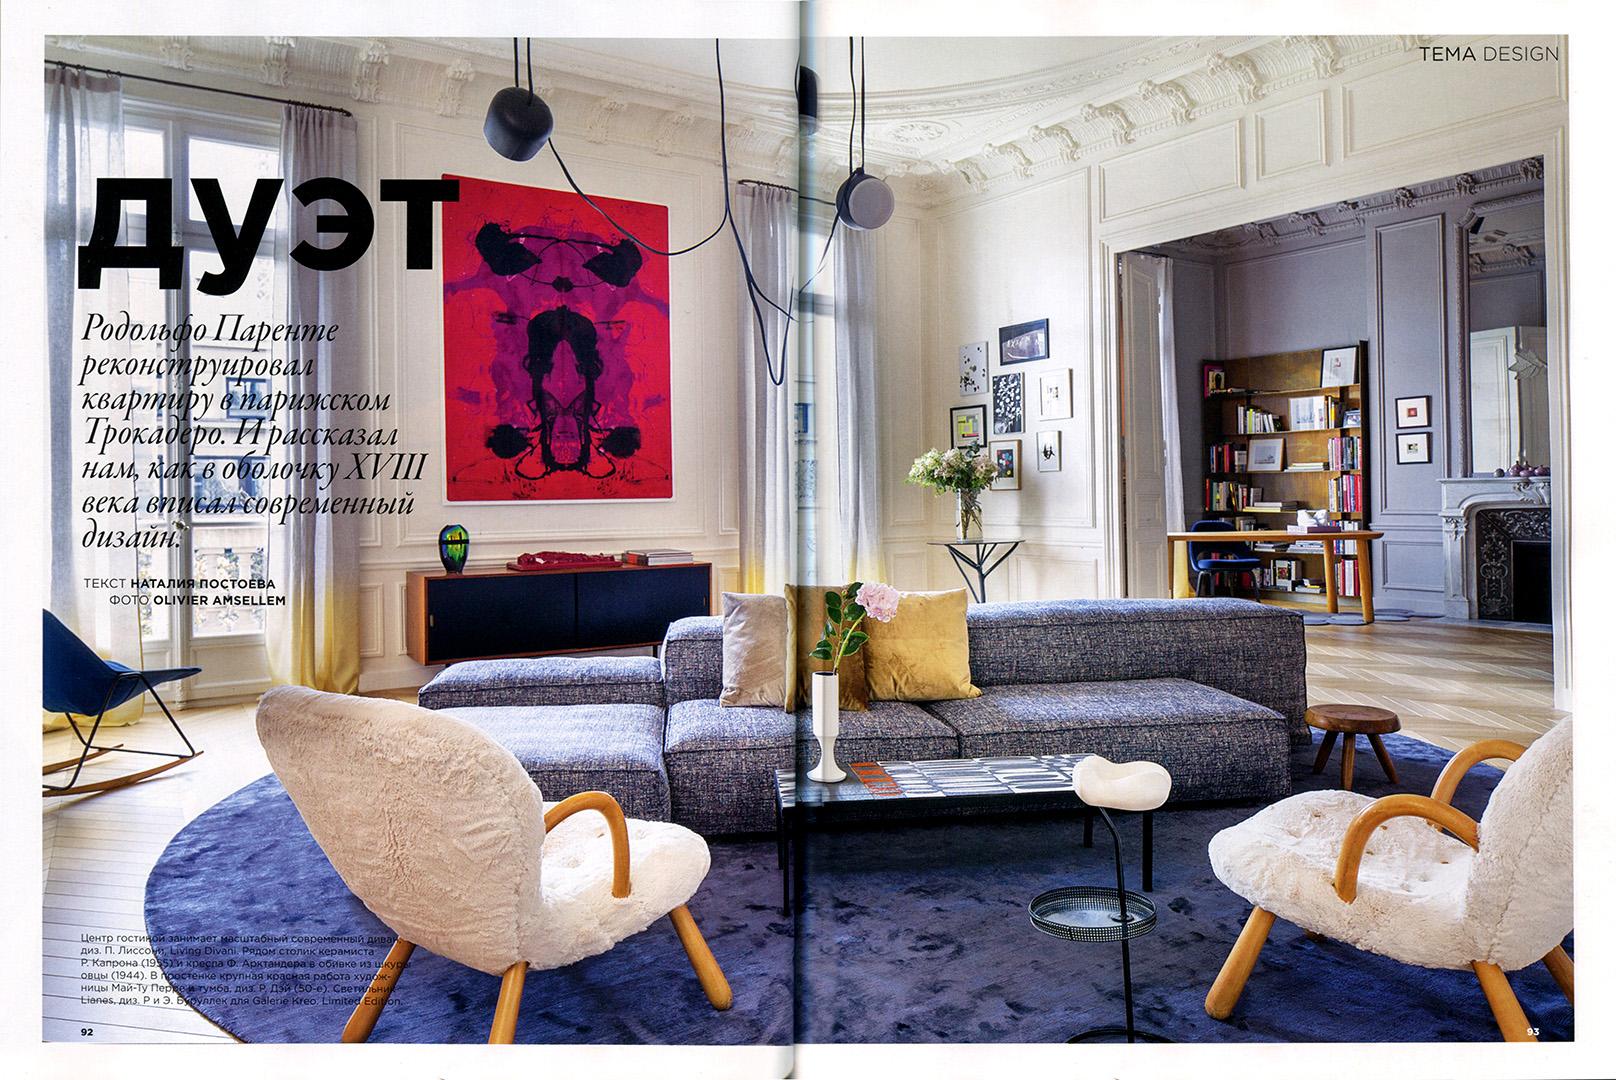 Rodolphe-Parente-Interior-Design-Magazine-2015-02